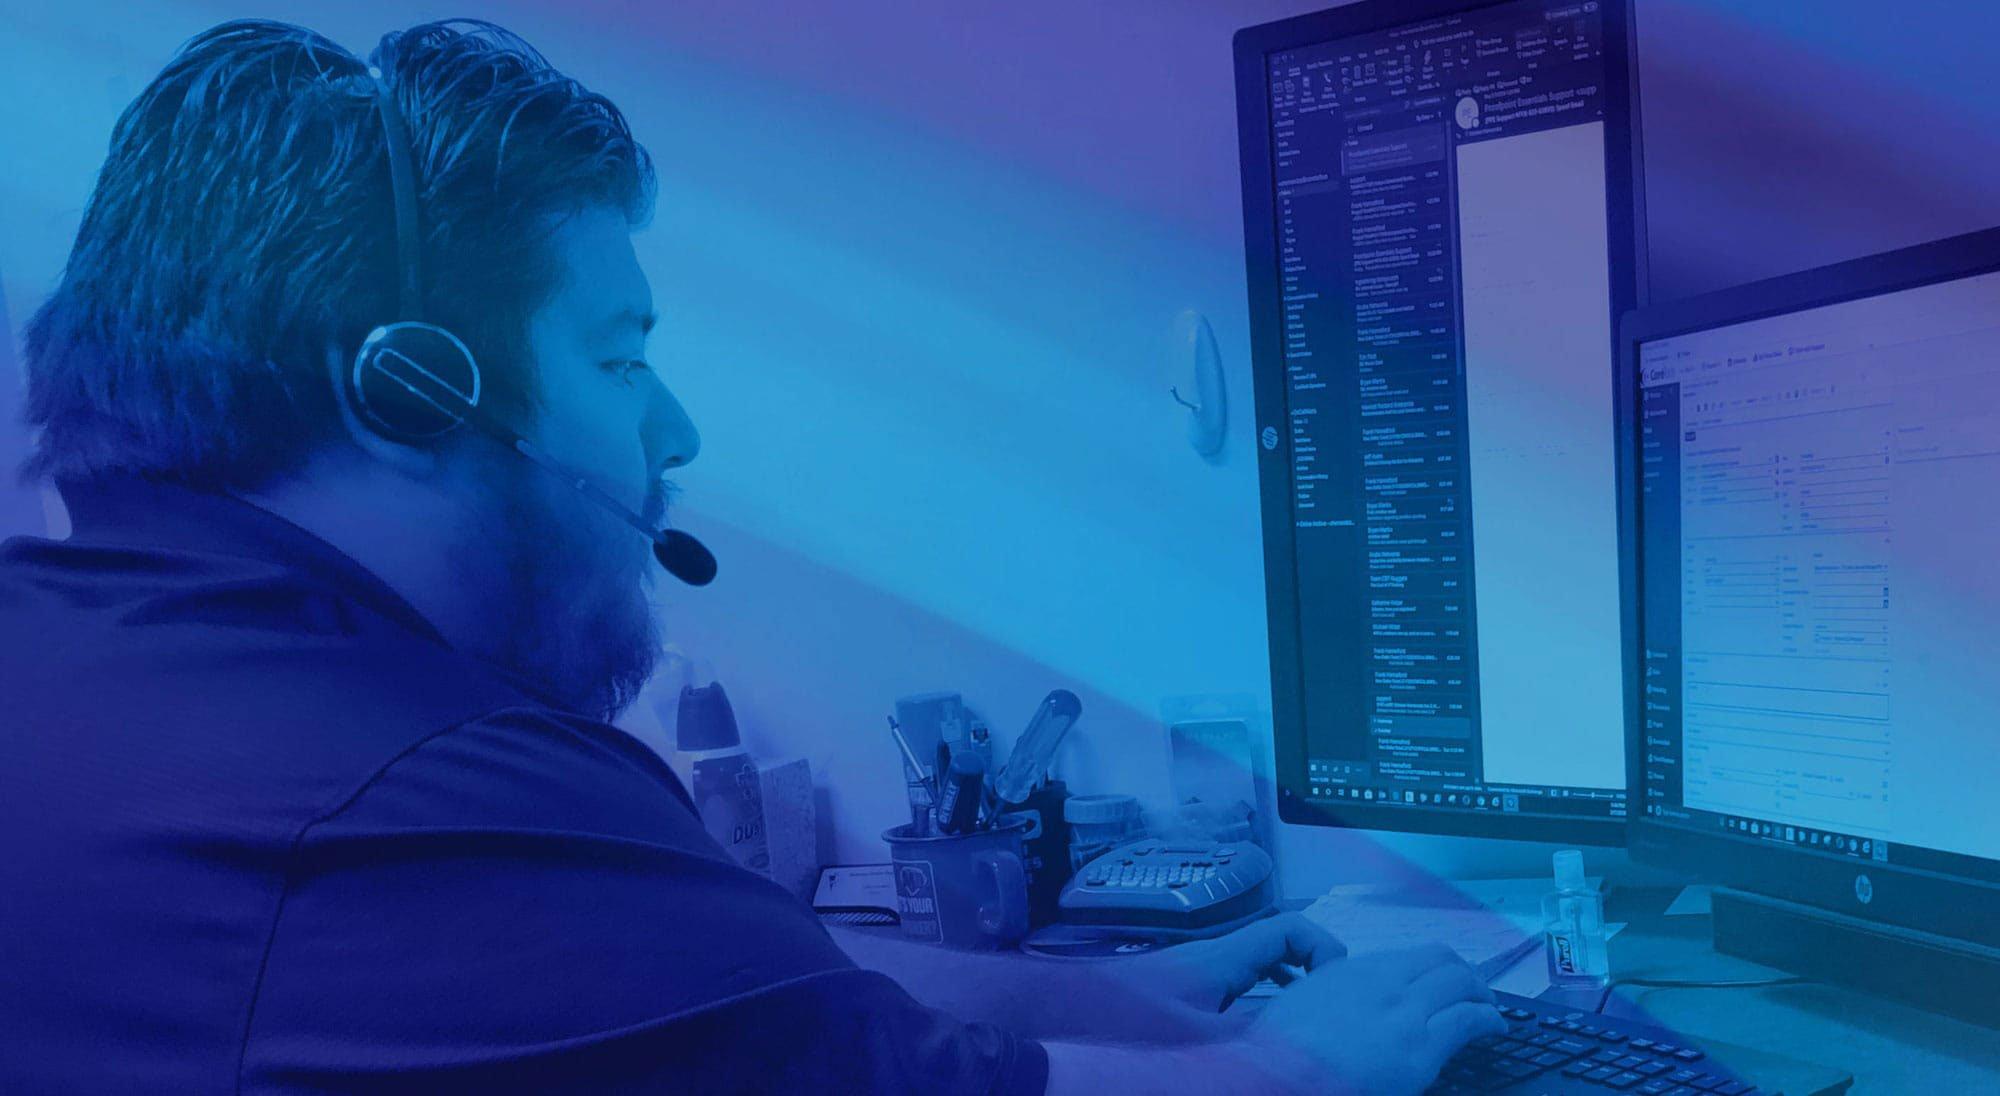 clientportal-header